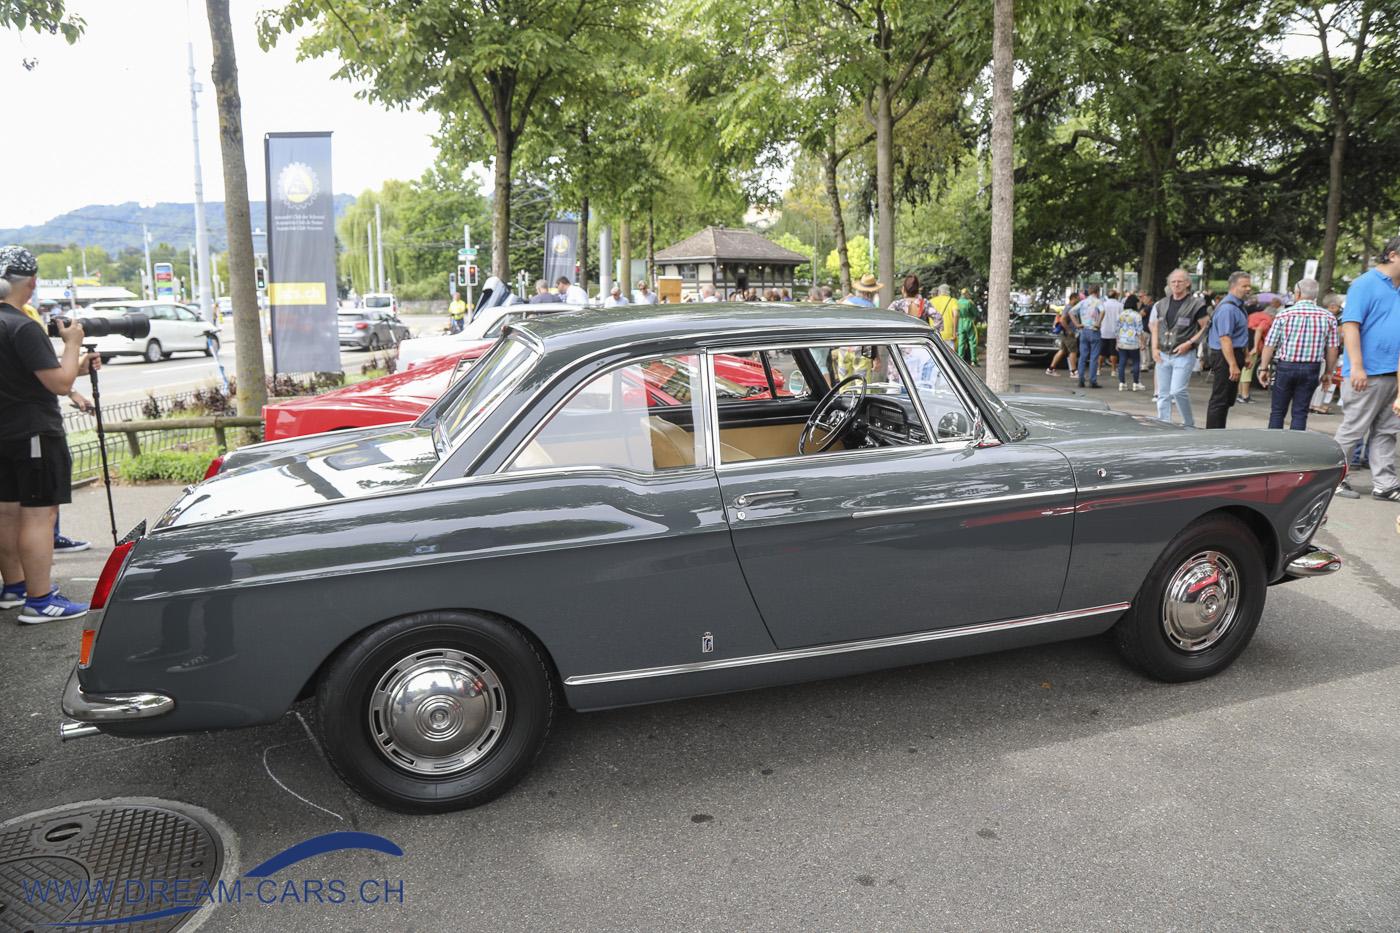 ZCCA - Zurich Classic Car Award, Bürkliplatz Zürich, 19. August 2020. Ein Peugeot 404 Coupé, von Peter Keller nach Zürich gebracht.